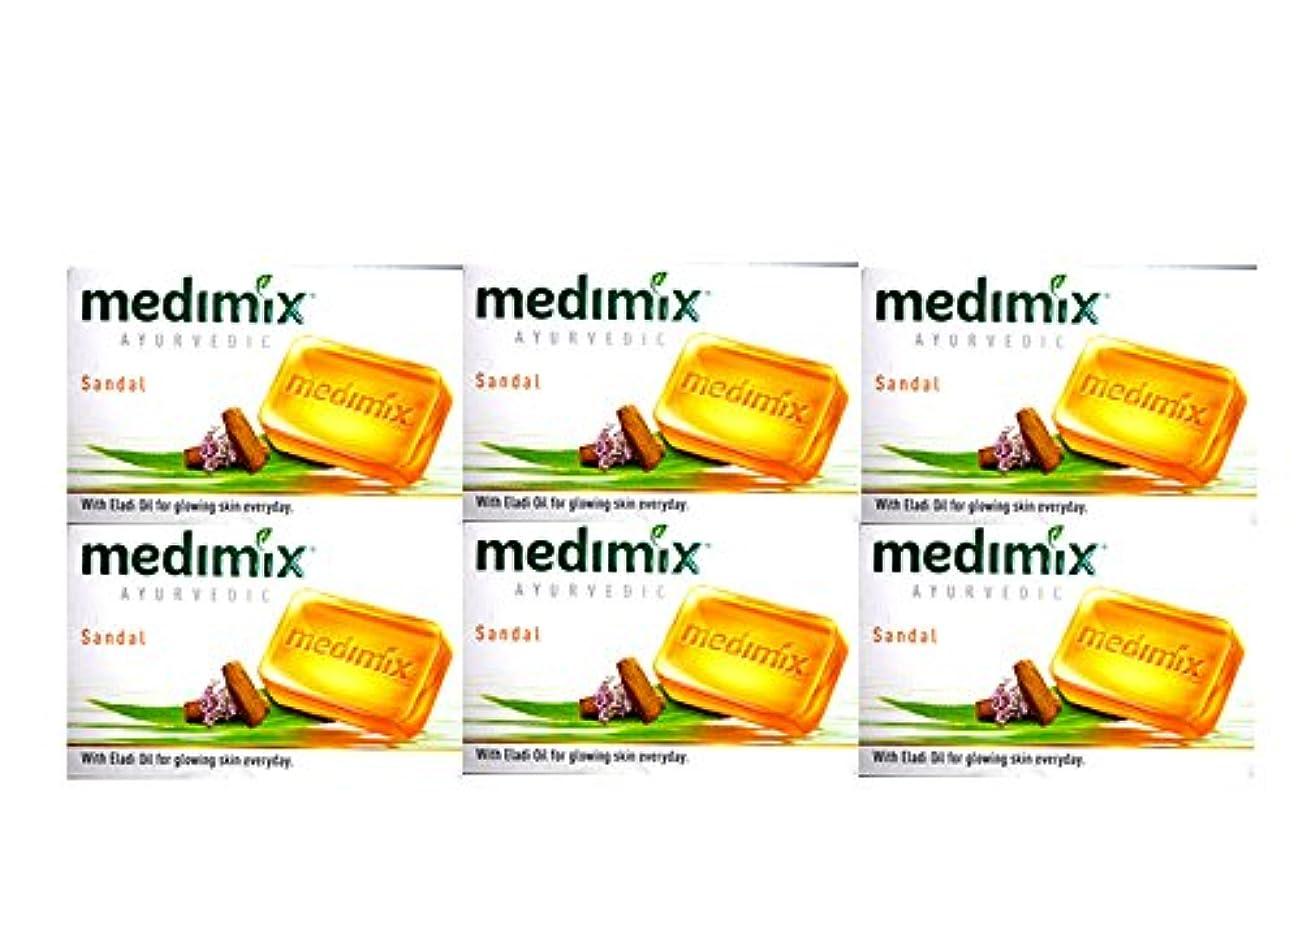 配偶者気を散らすMEDIMIX メディミックス アーユルヴェディックサンダル 6個セット(medimix AYURVEDEC sandal Soap) 125g